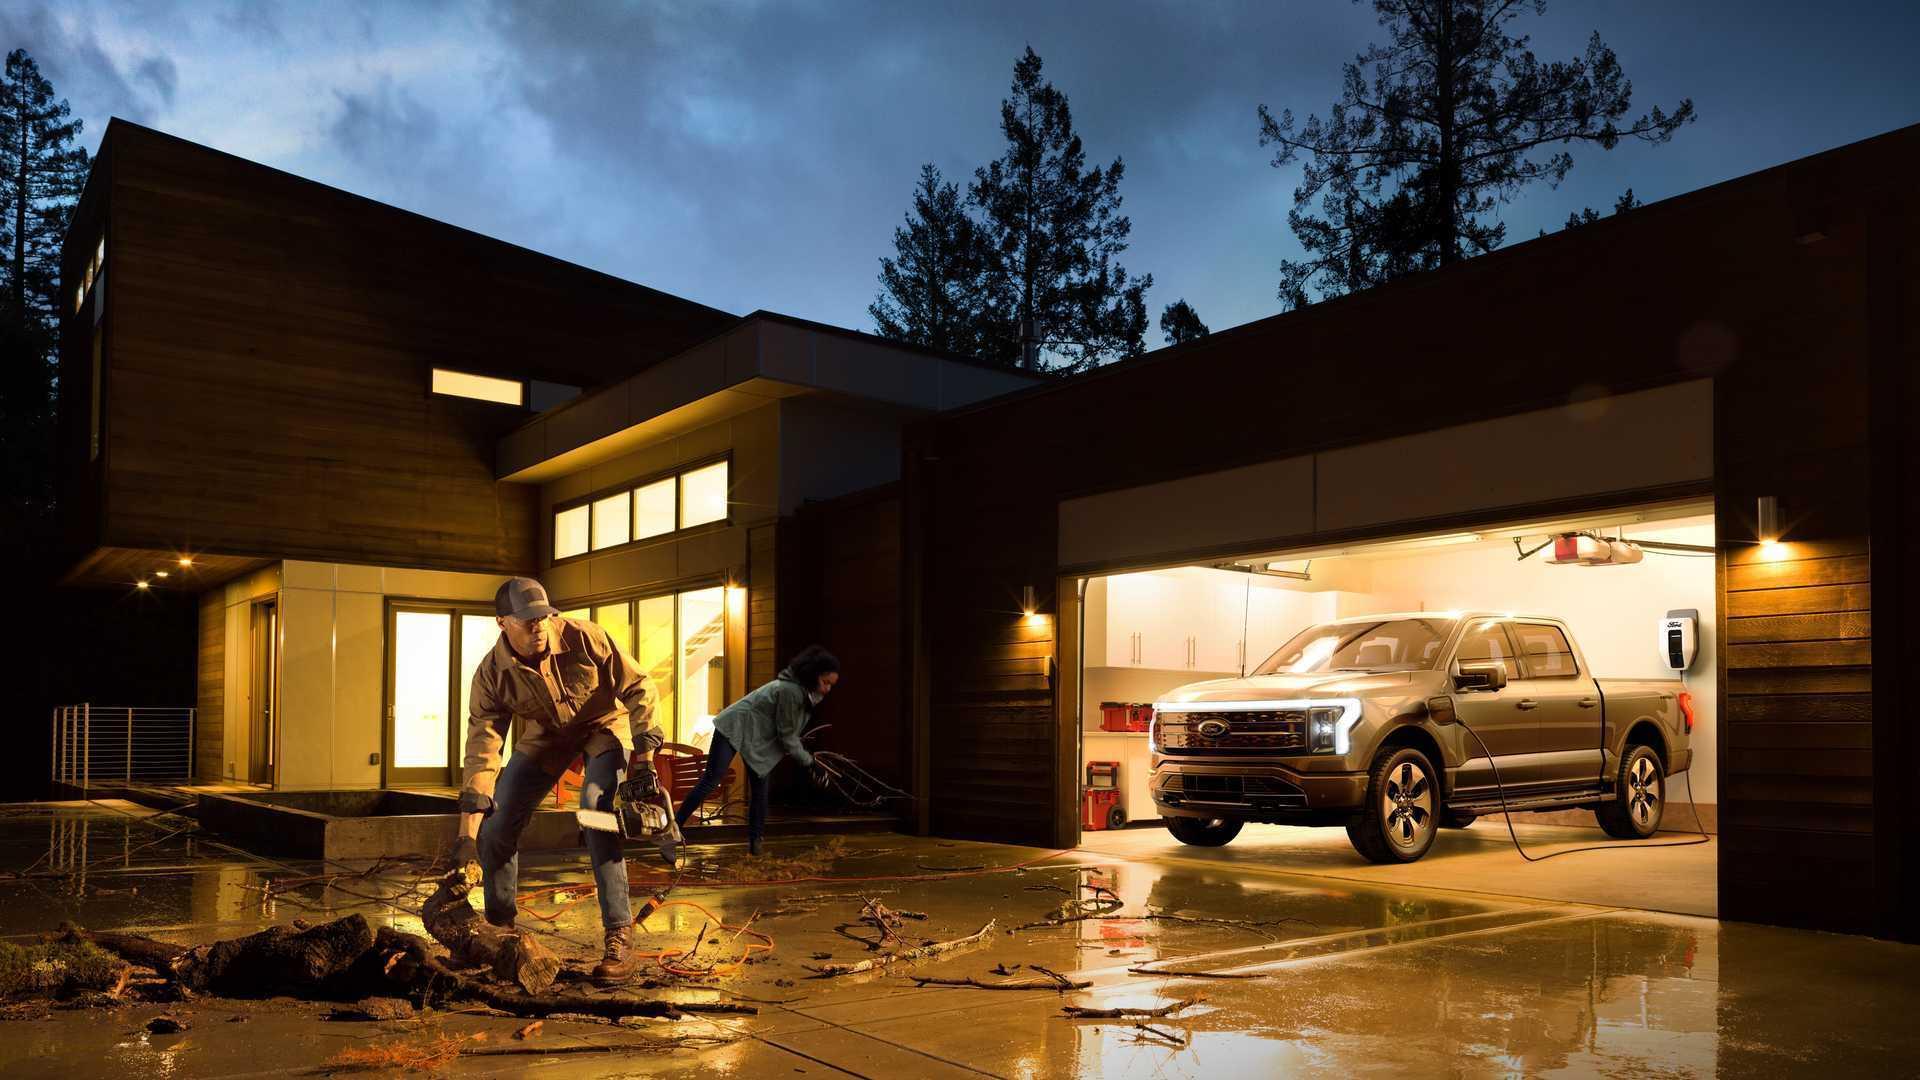 Автомобиль сможет питать дом электроэнергией в течение трех дней